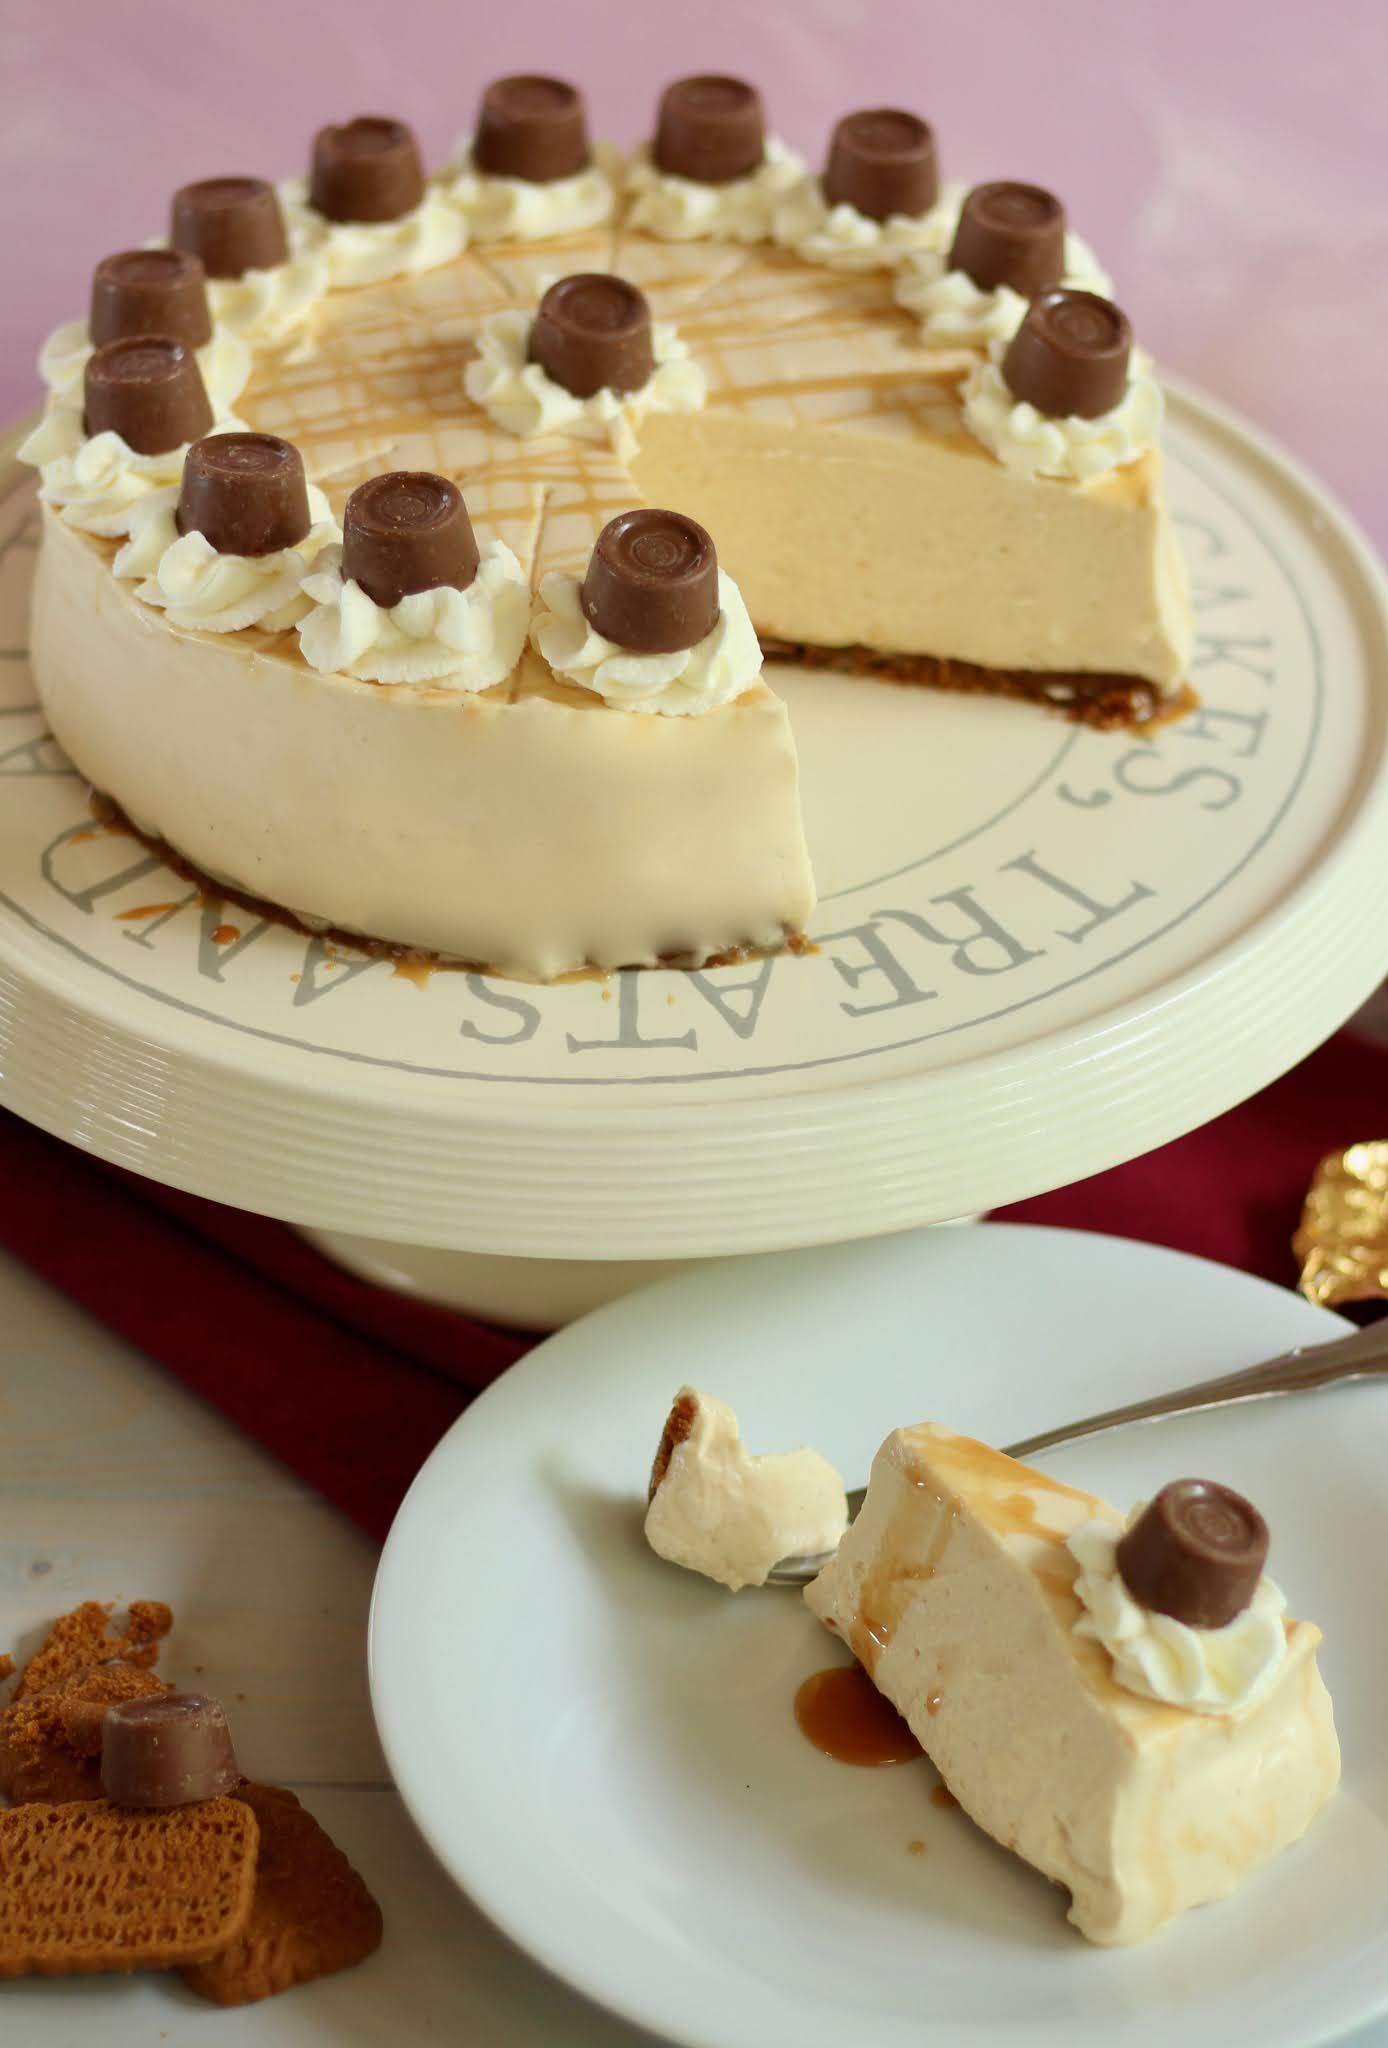 😋 Cremige Karamell Torte ohne Backen: Fantastische Rolo-Torte! 😋 | Rezept und Video von Sugarprincess 😋